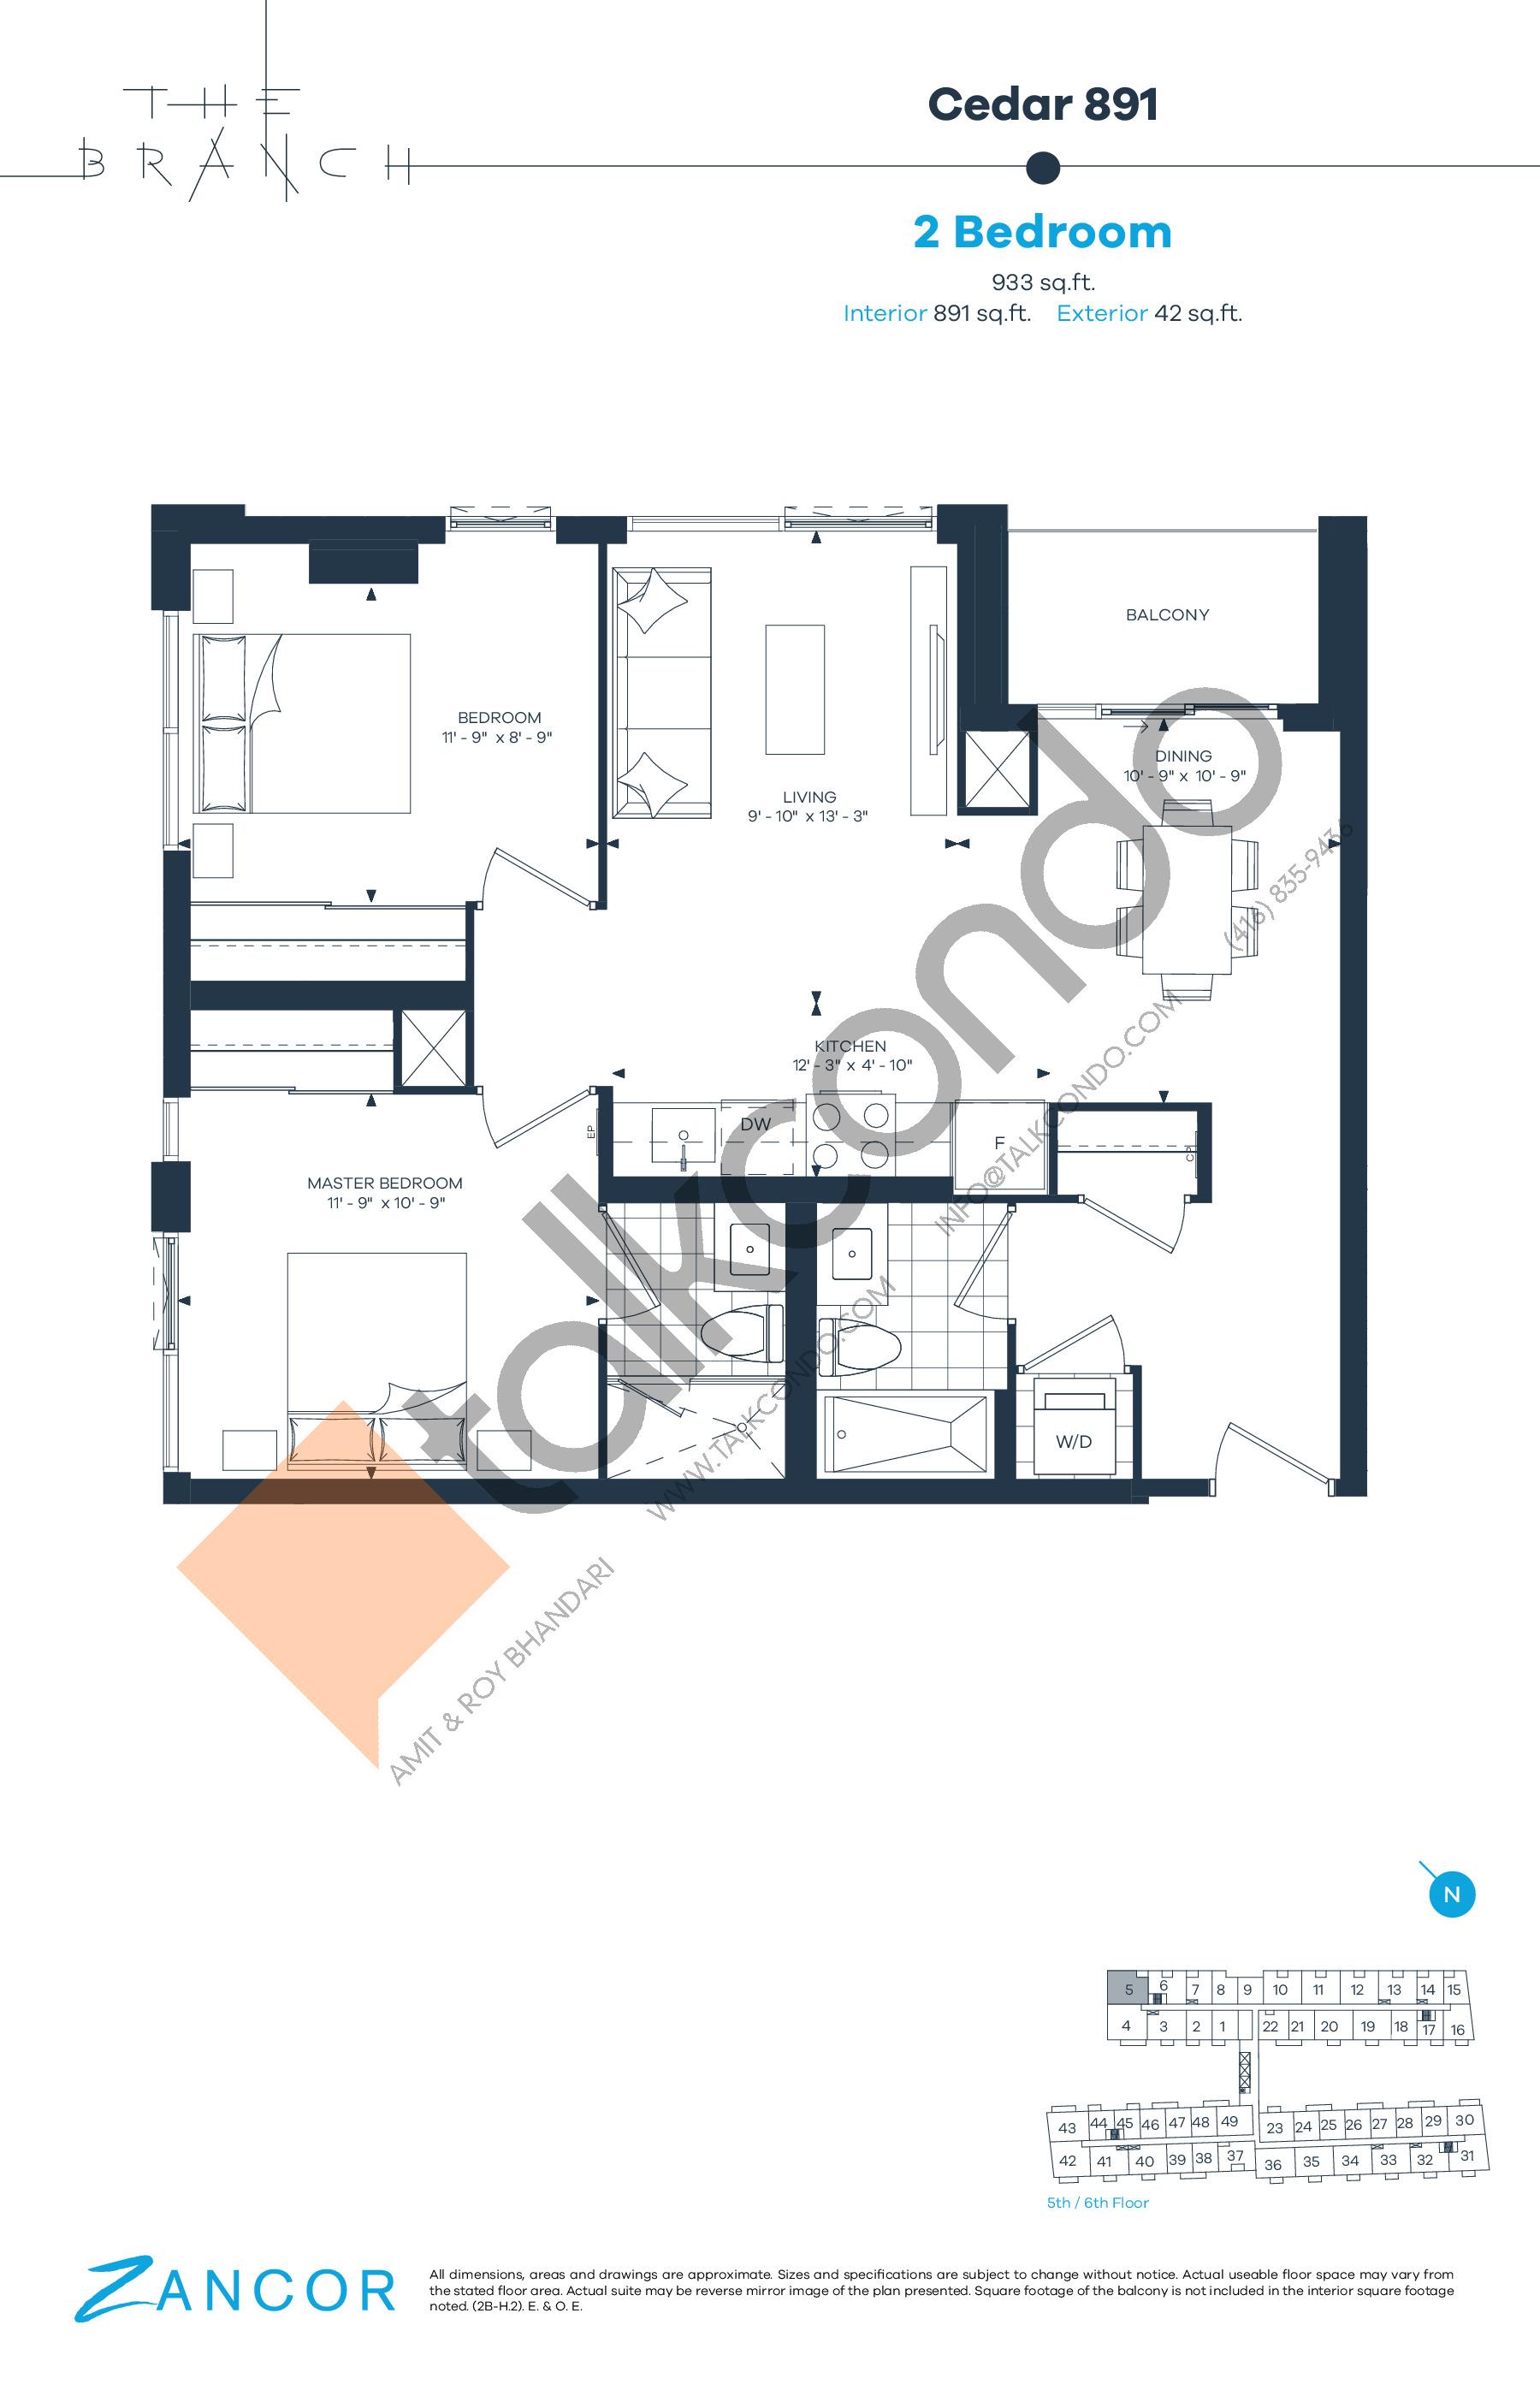 Cedar 891 Floor Plan at The Branch Condos - 891 sq.ft